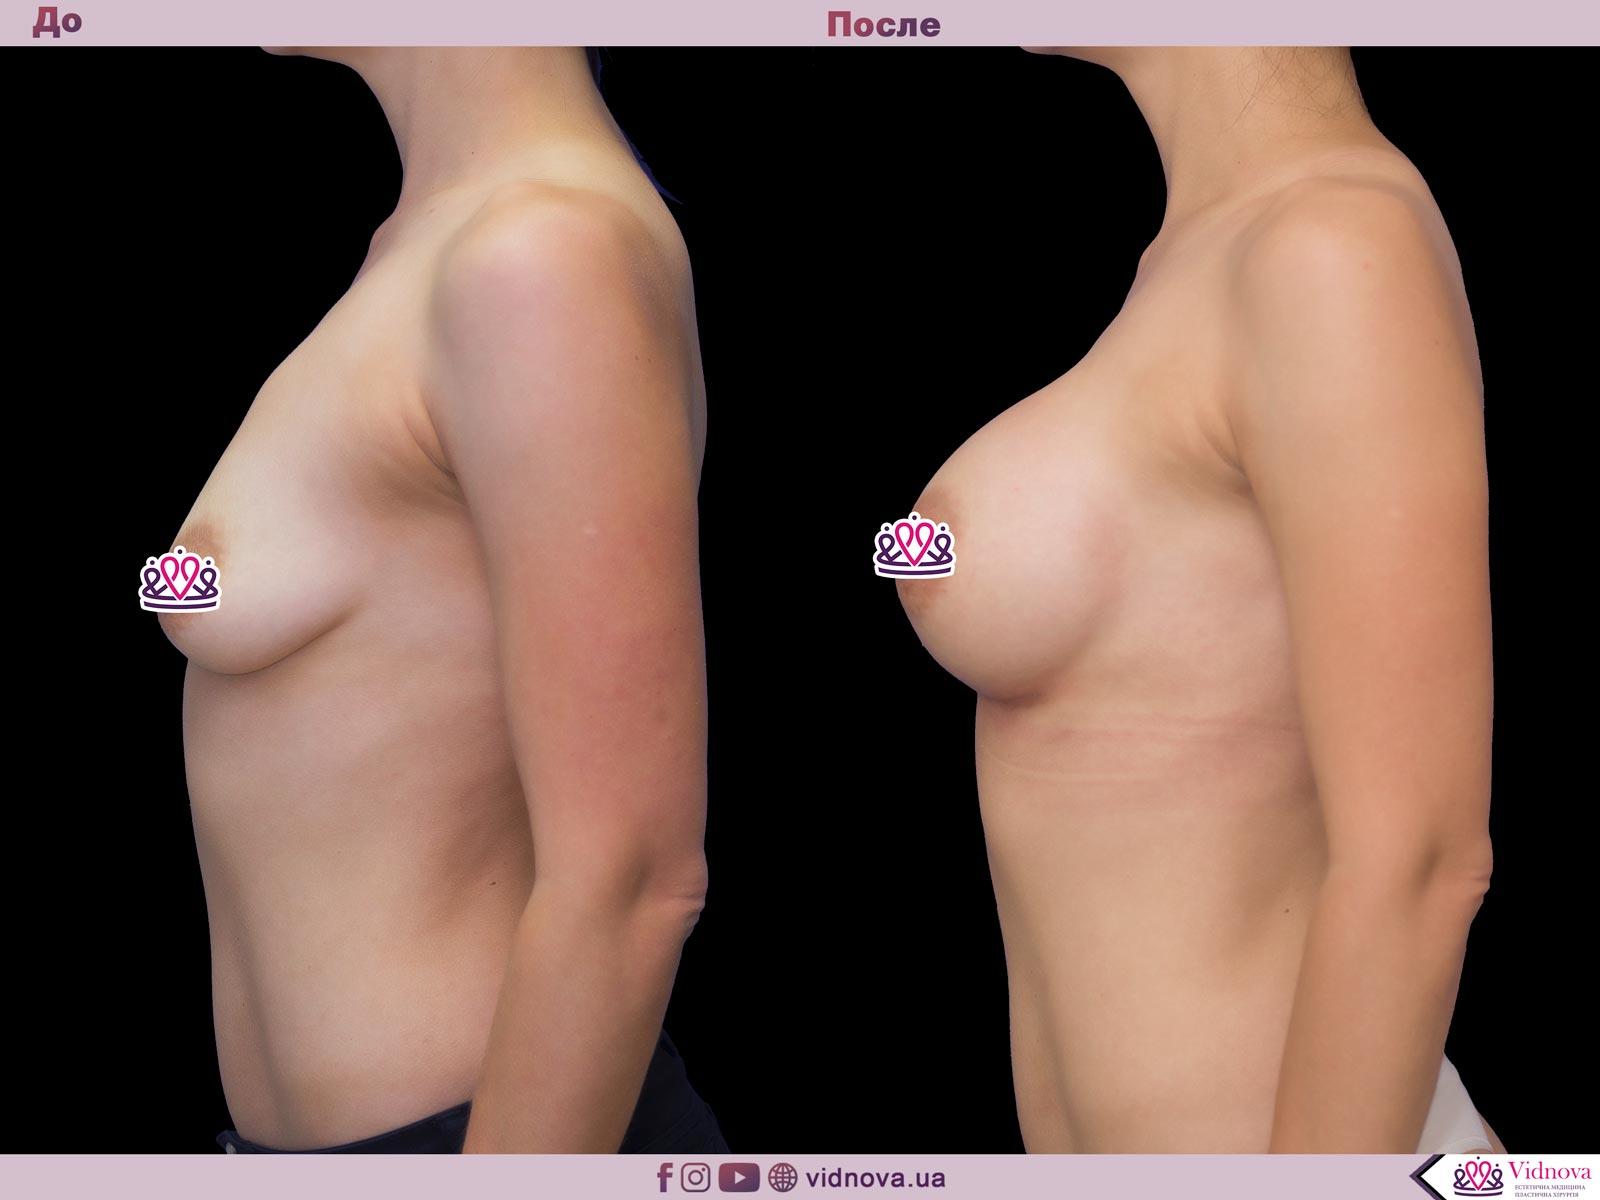 Пластика груди: результаты до и после - Пример №48-2 - Светлана Работенко